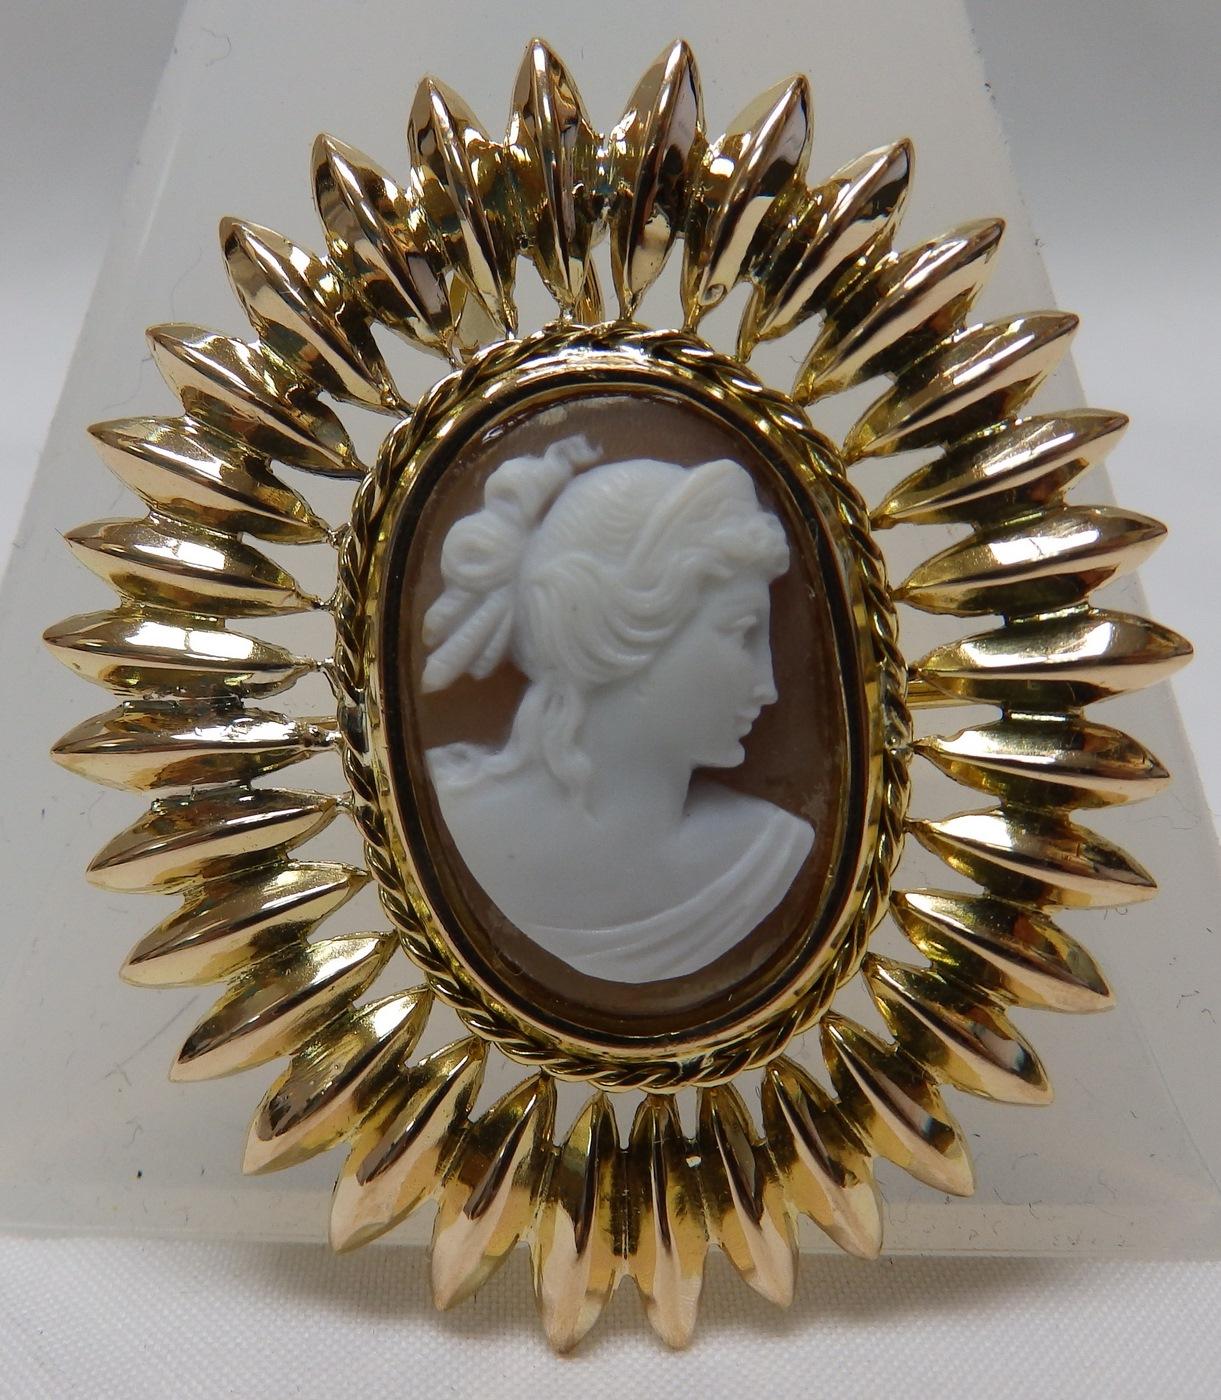 Camafeo para Broche o Colgante, en Oro de 18k, tallado en Concha.